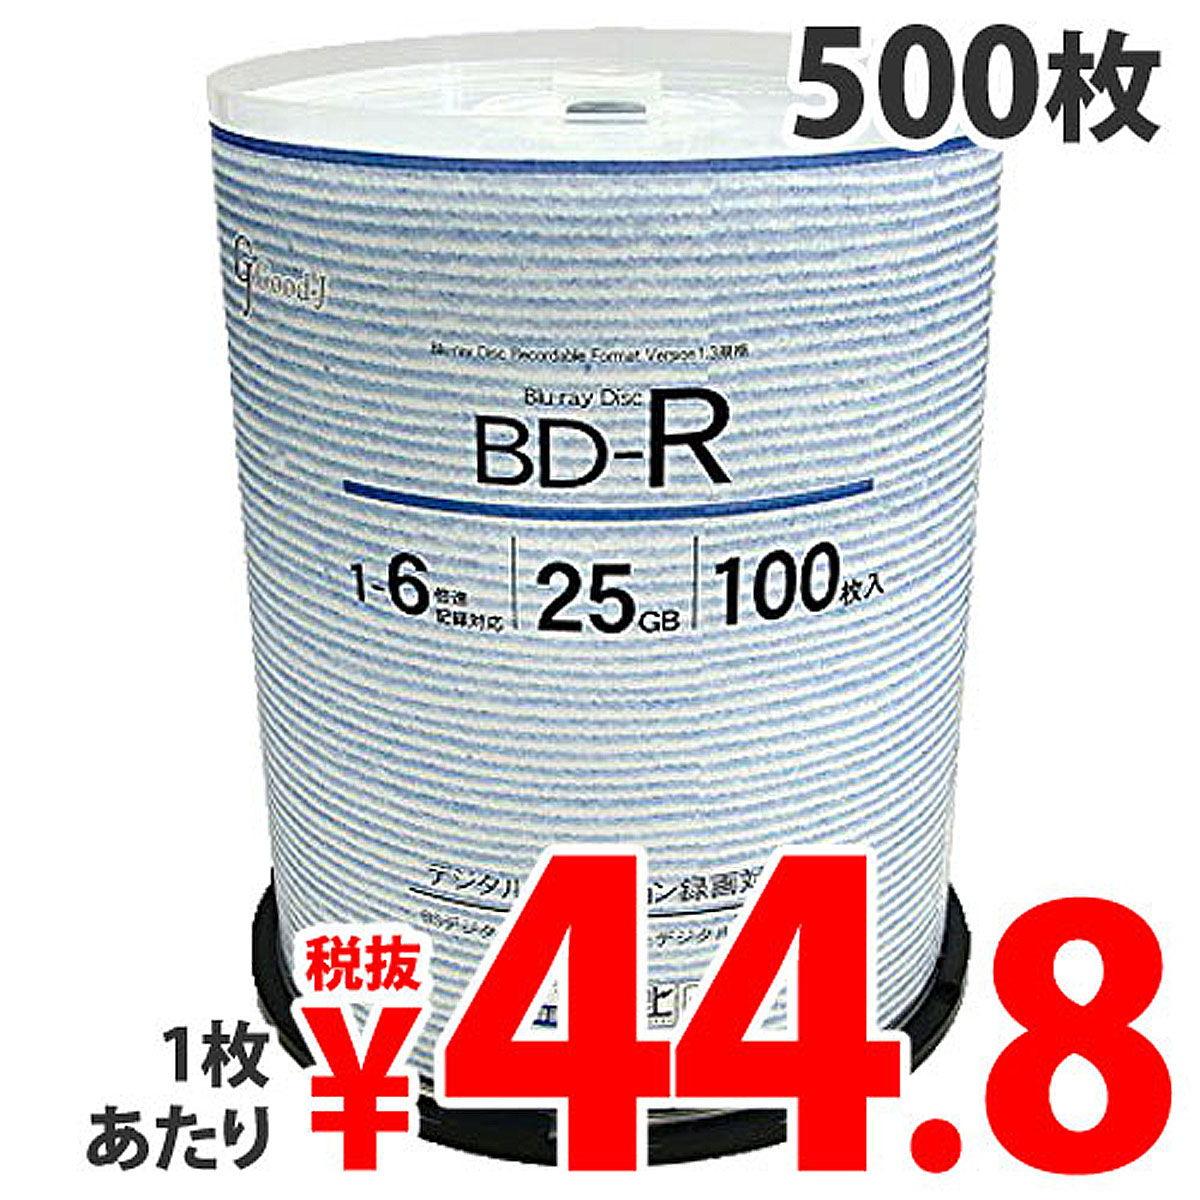 リーダーメディアテクノ BD-R Good-J ブルーレイディスク 1回記録用 25GB 1-6倍速 ワイドプリンタブル スピンドルケース ホワイトレーベル 100枚 5セット GBD25-6X100PW